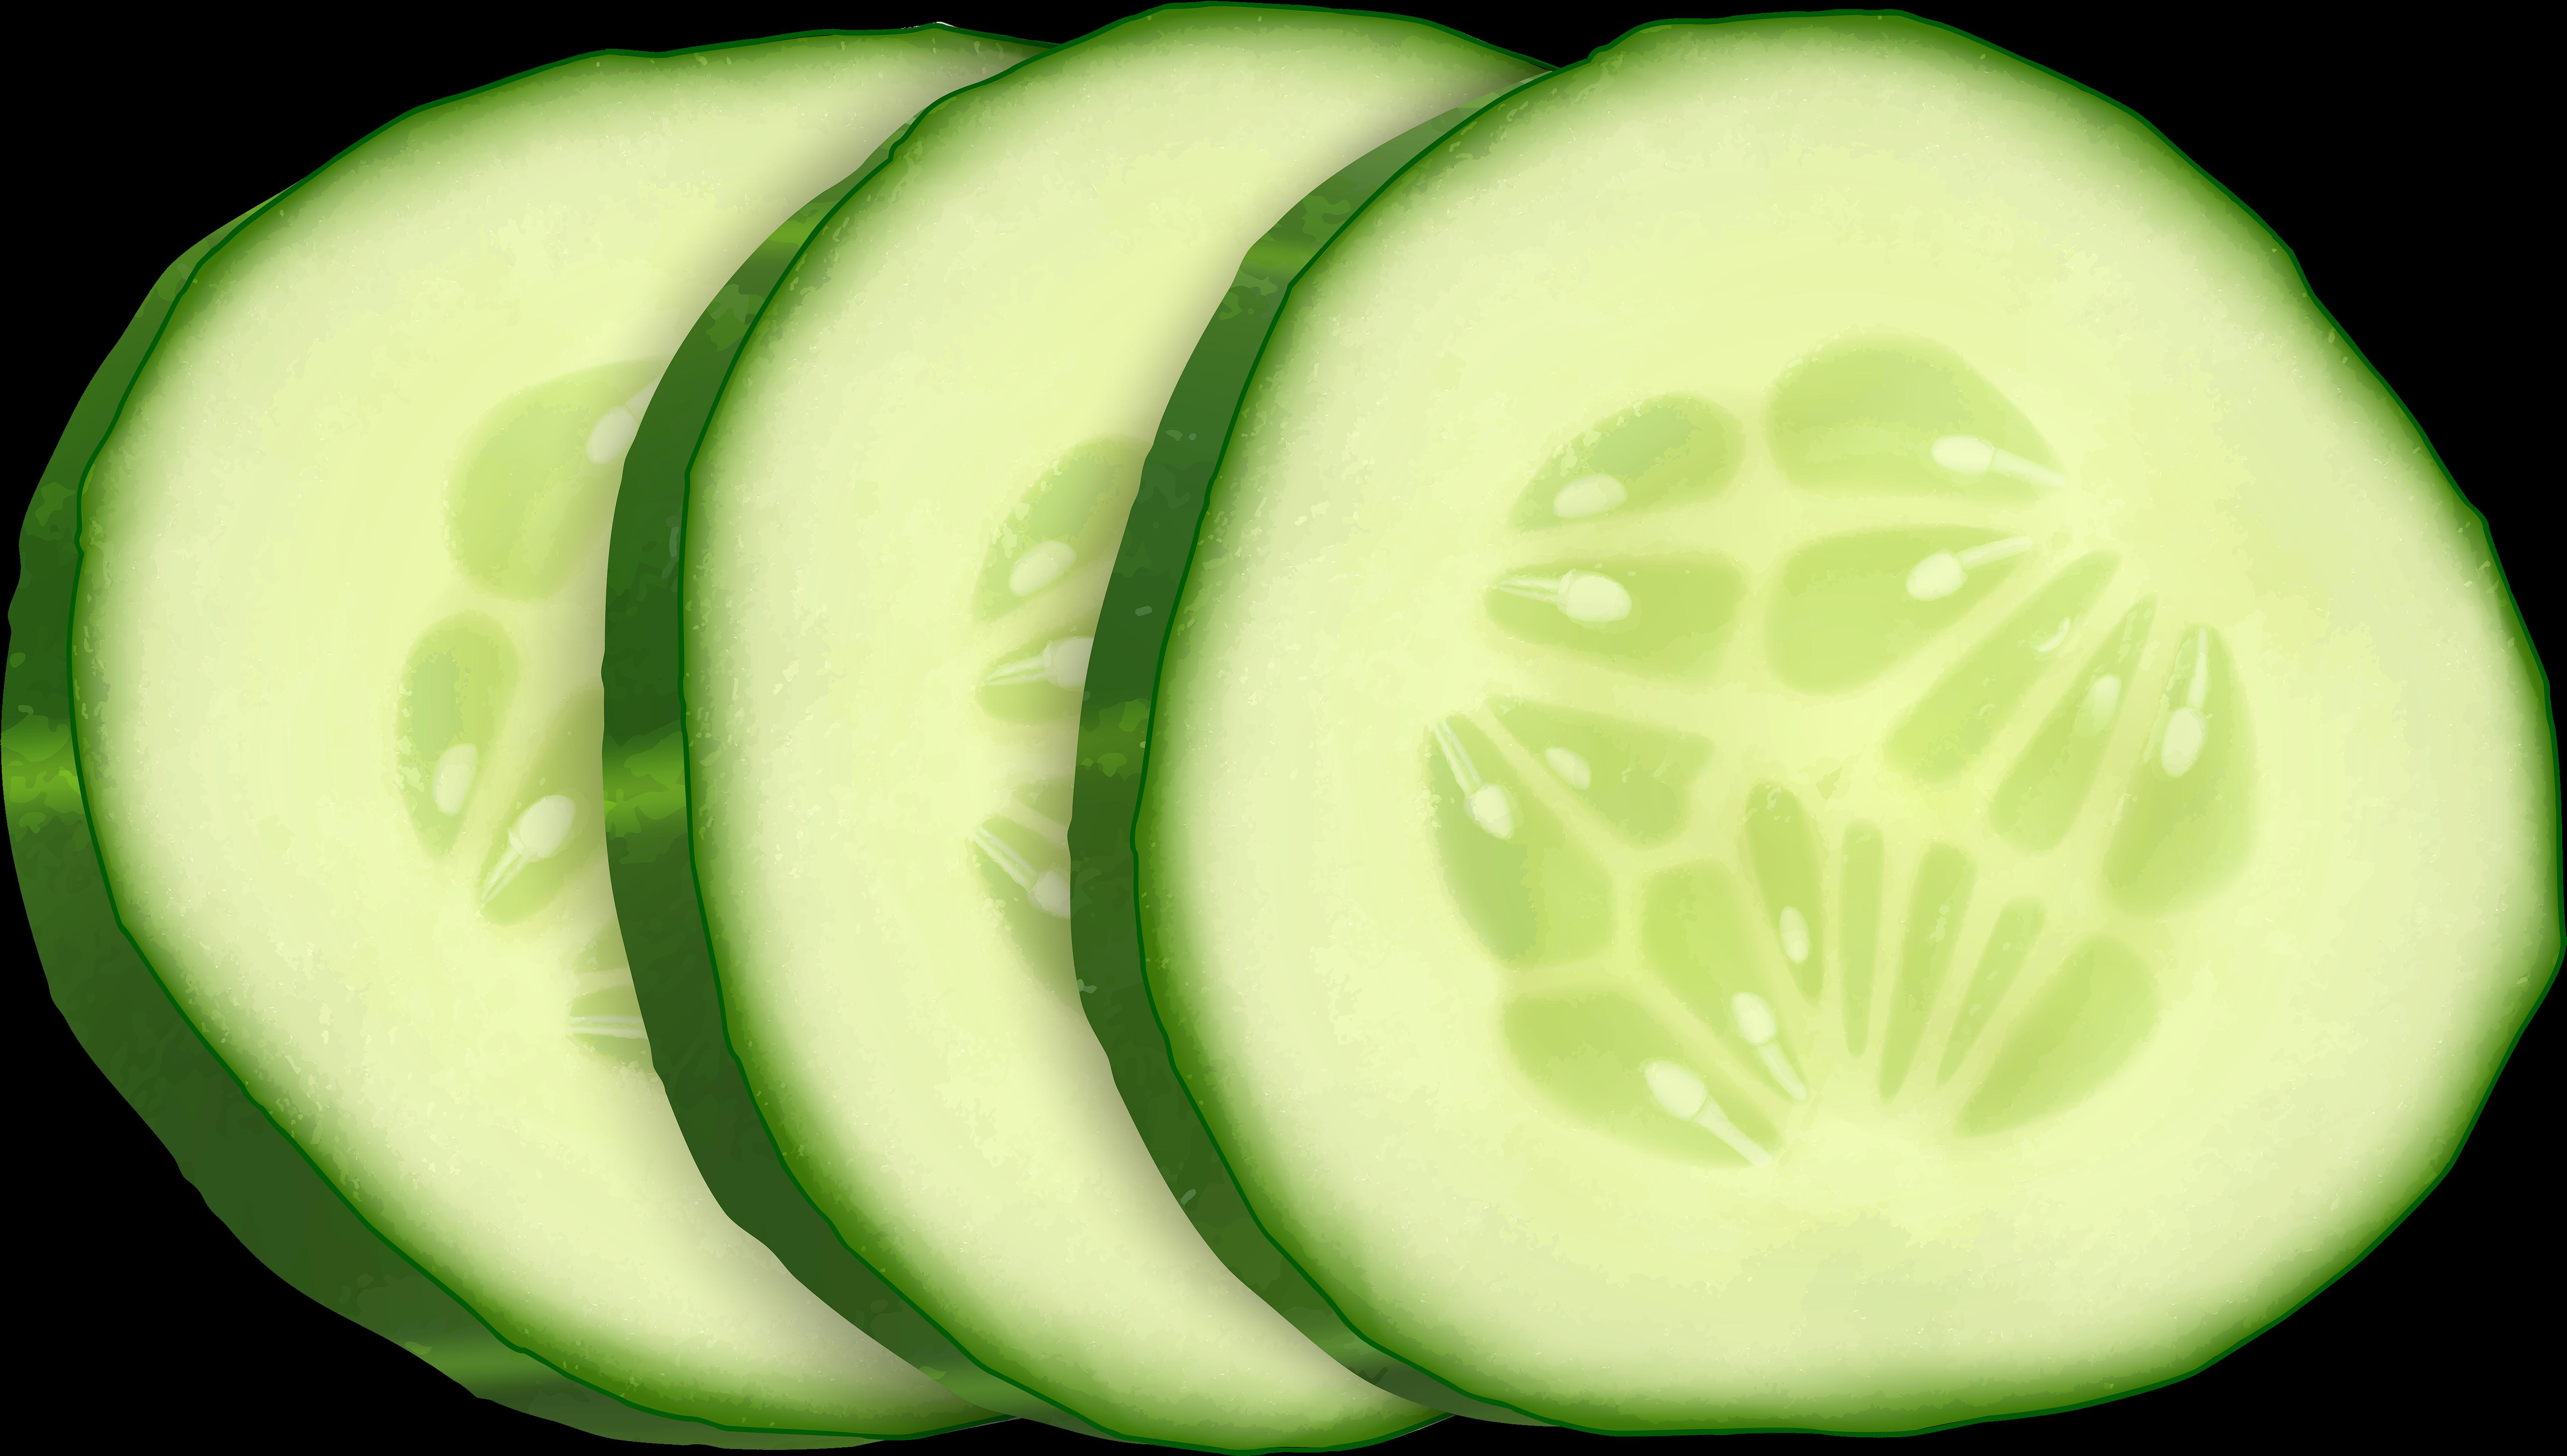 HD Cucumber Slice Clip Art.